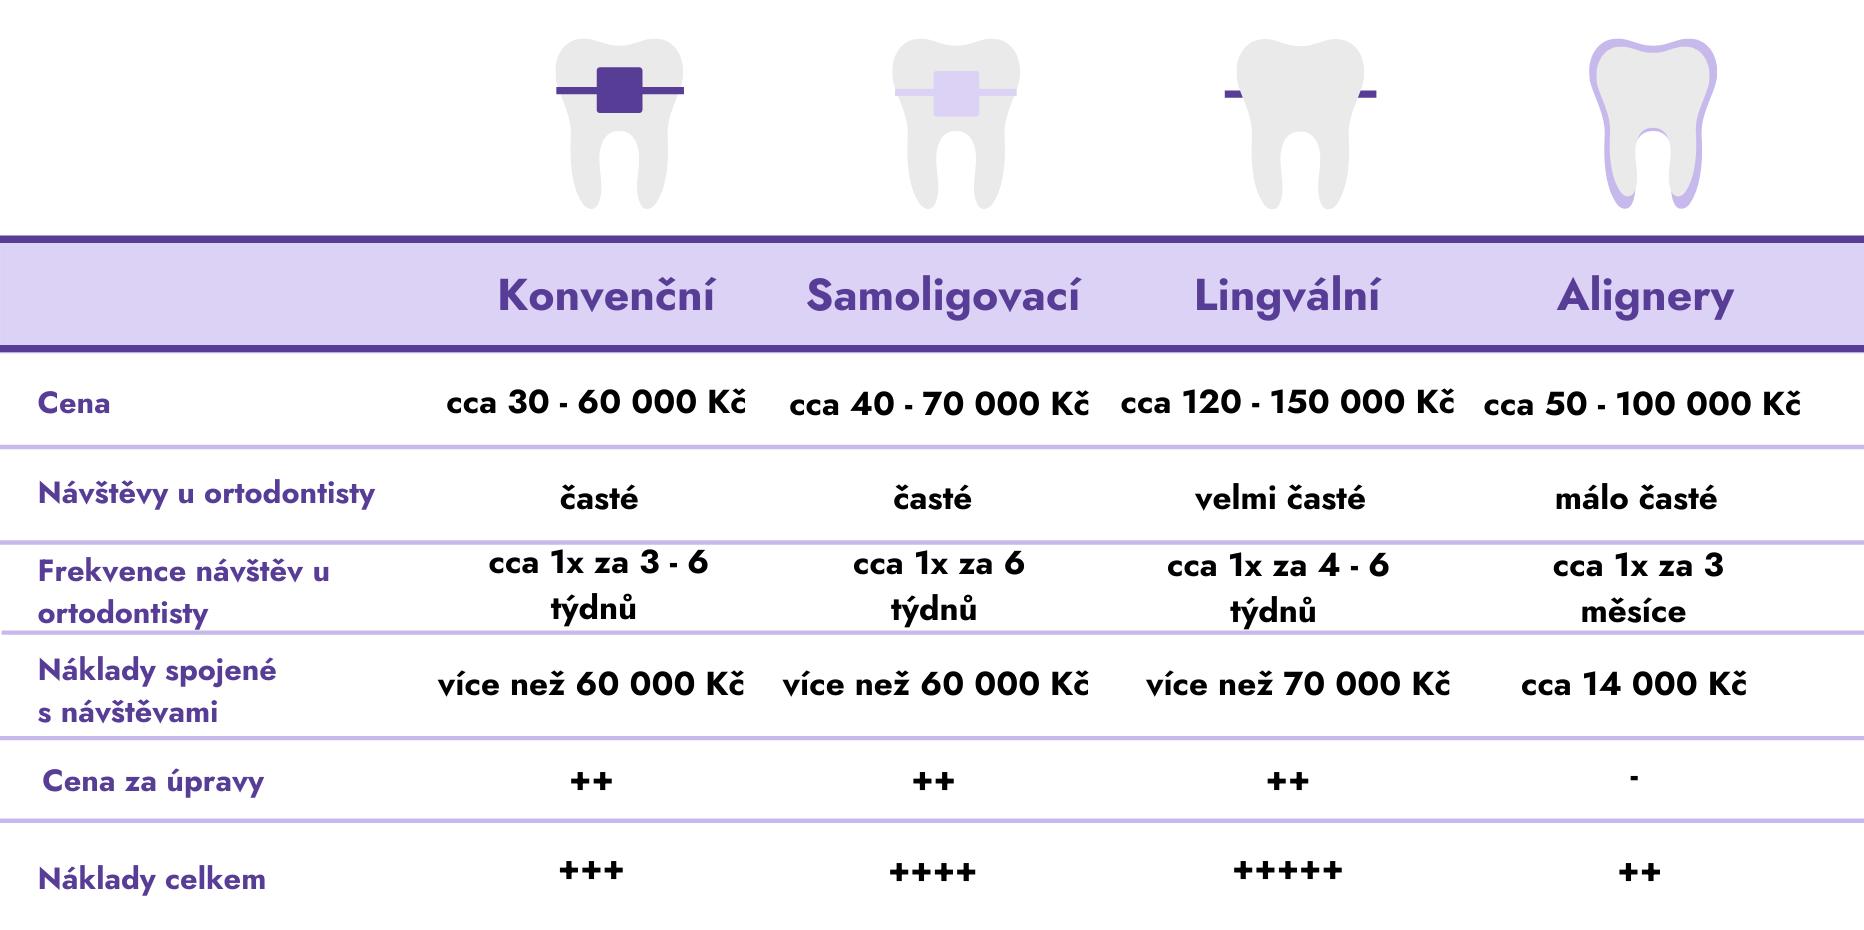 Srovnání jednotlivých typů rovnátek